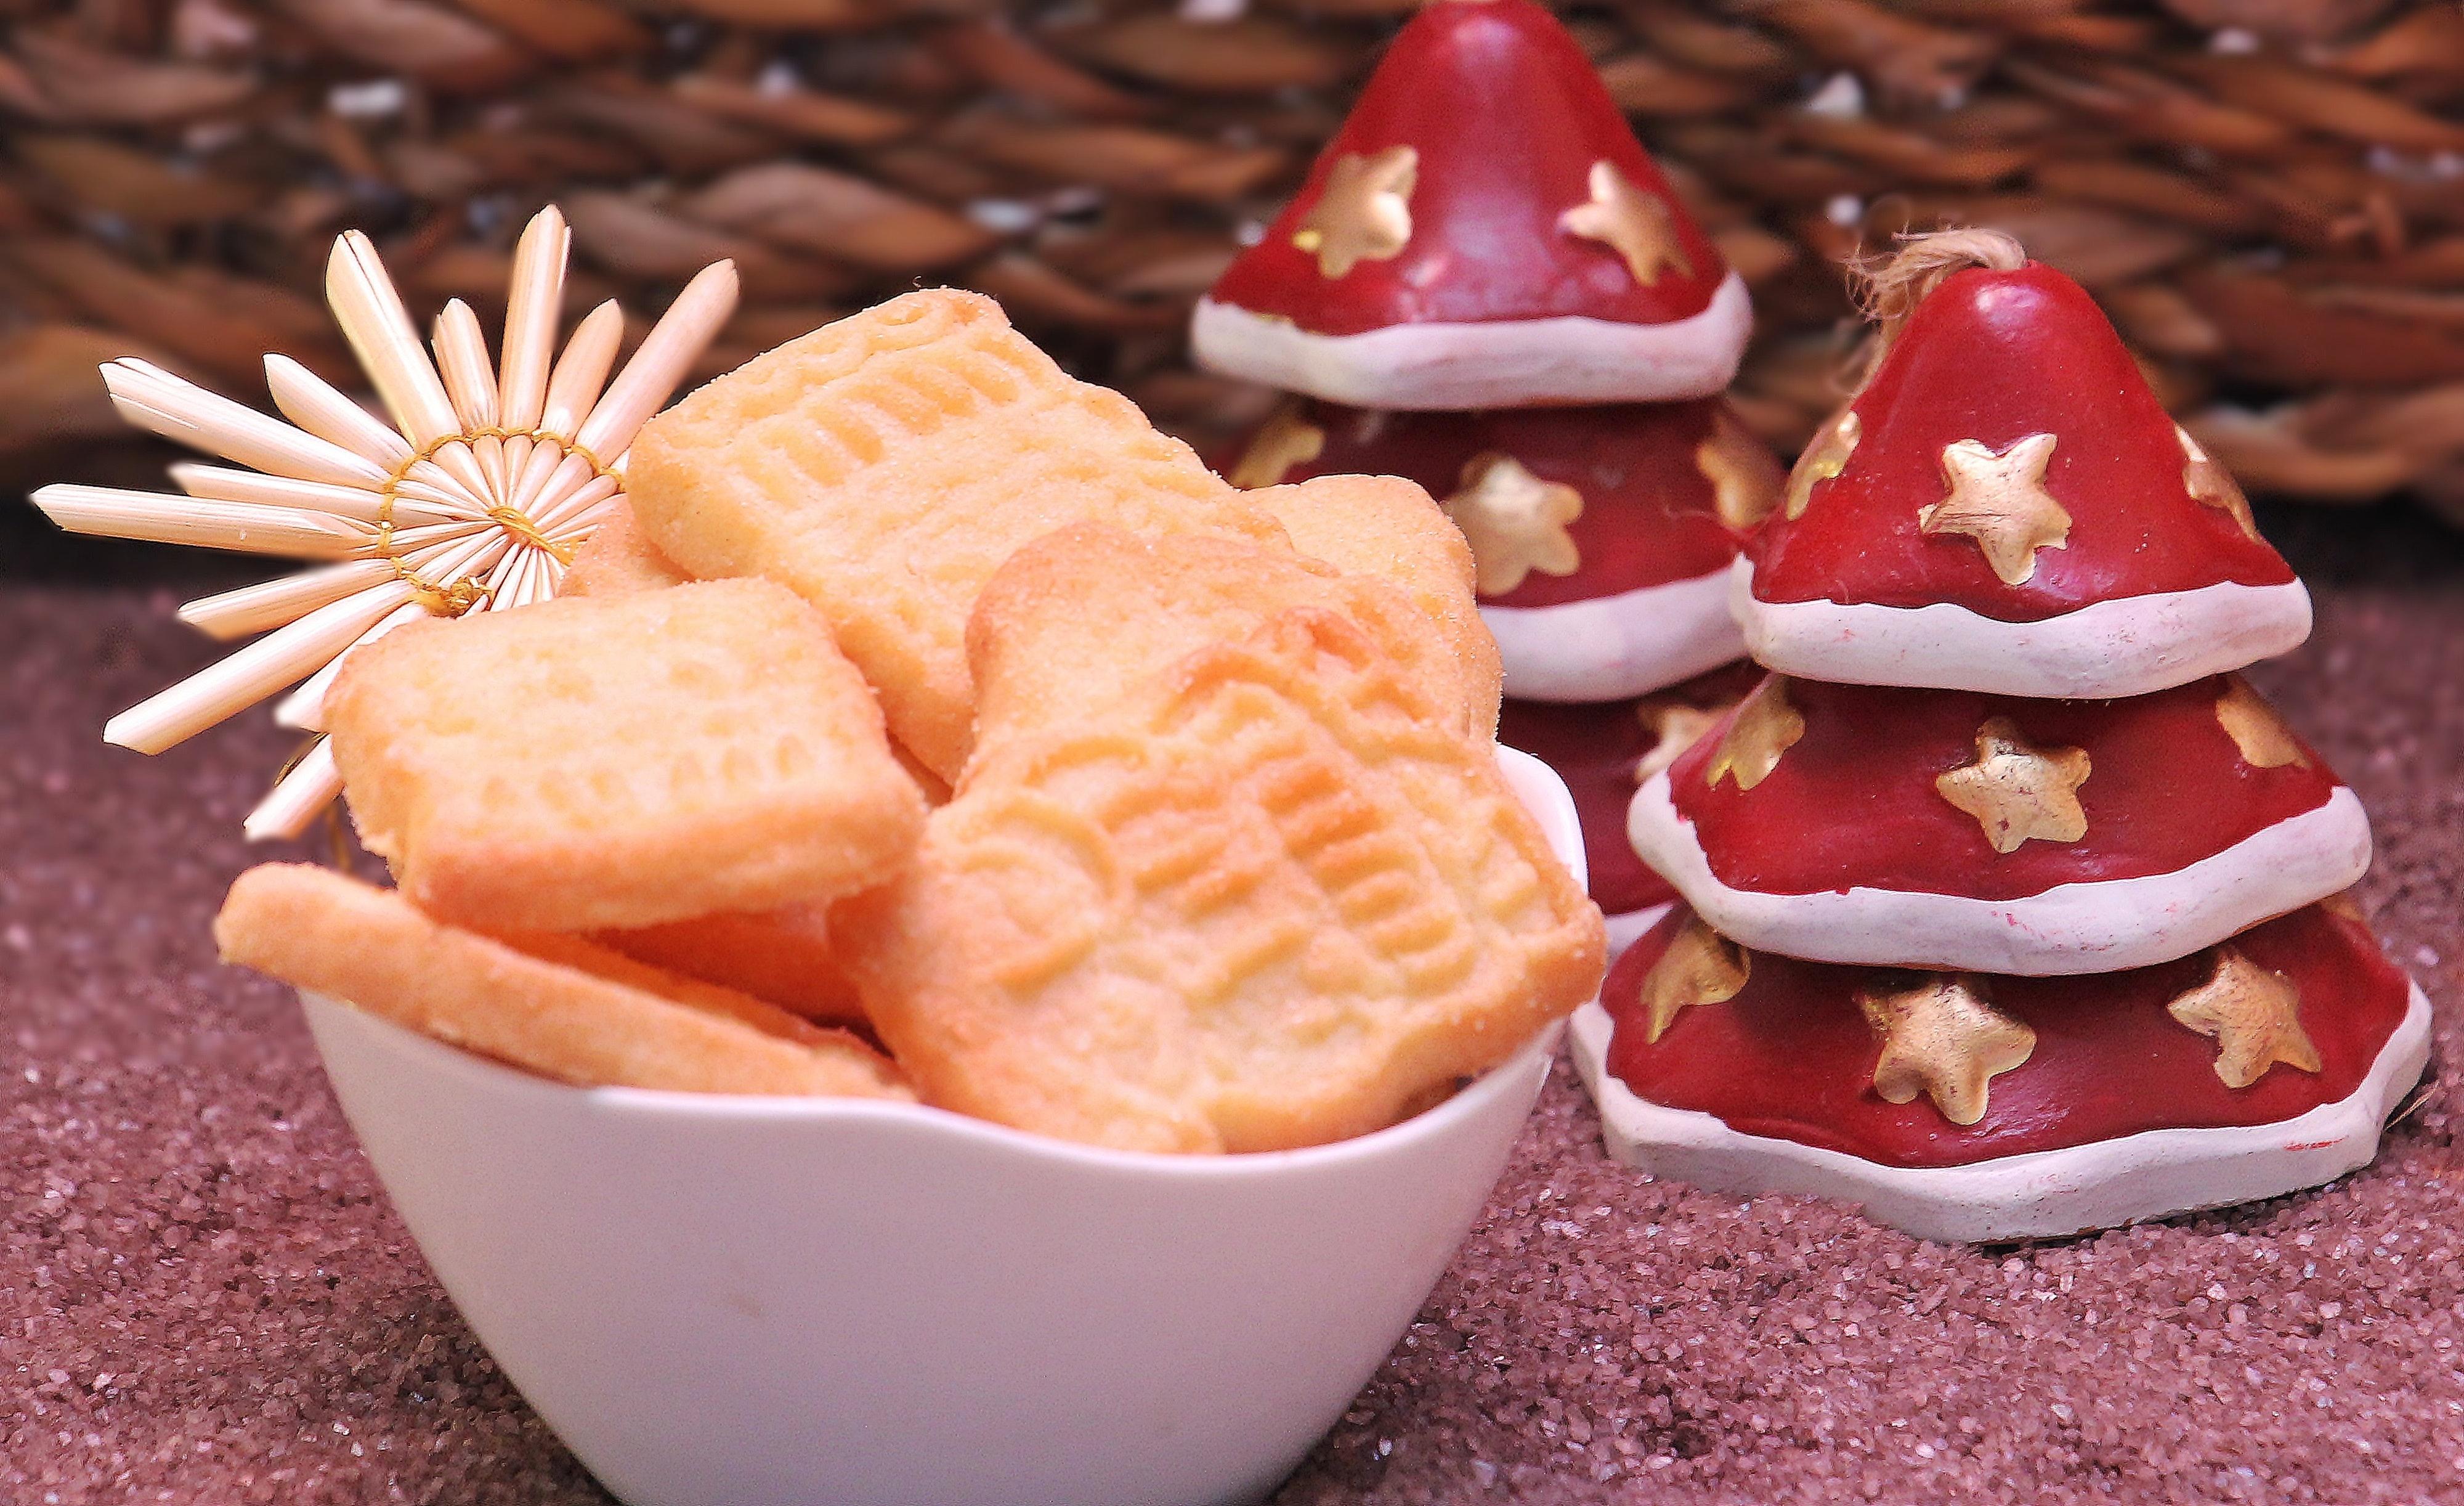 Gambar Kedatangan Toko Roti Kalori Hari Natal Natal Cookie